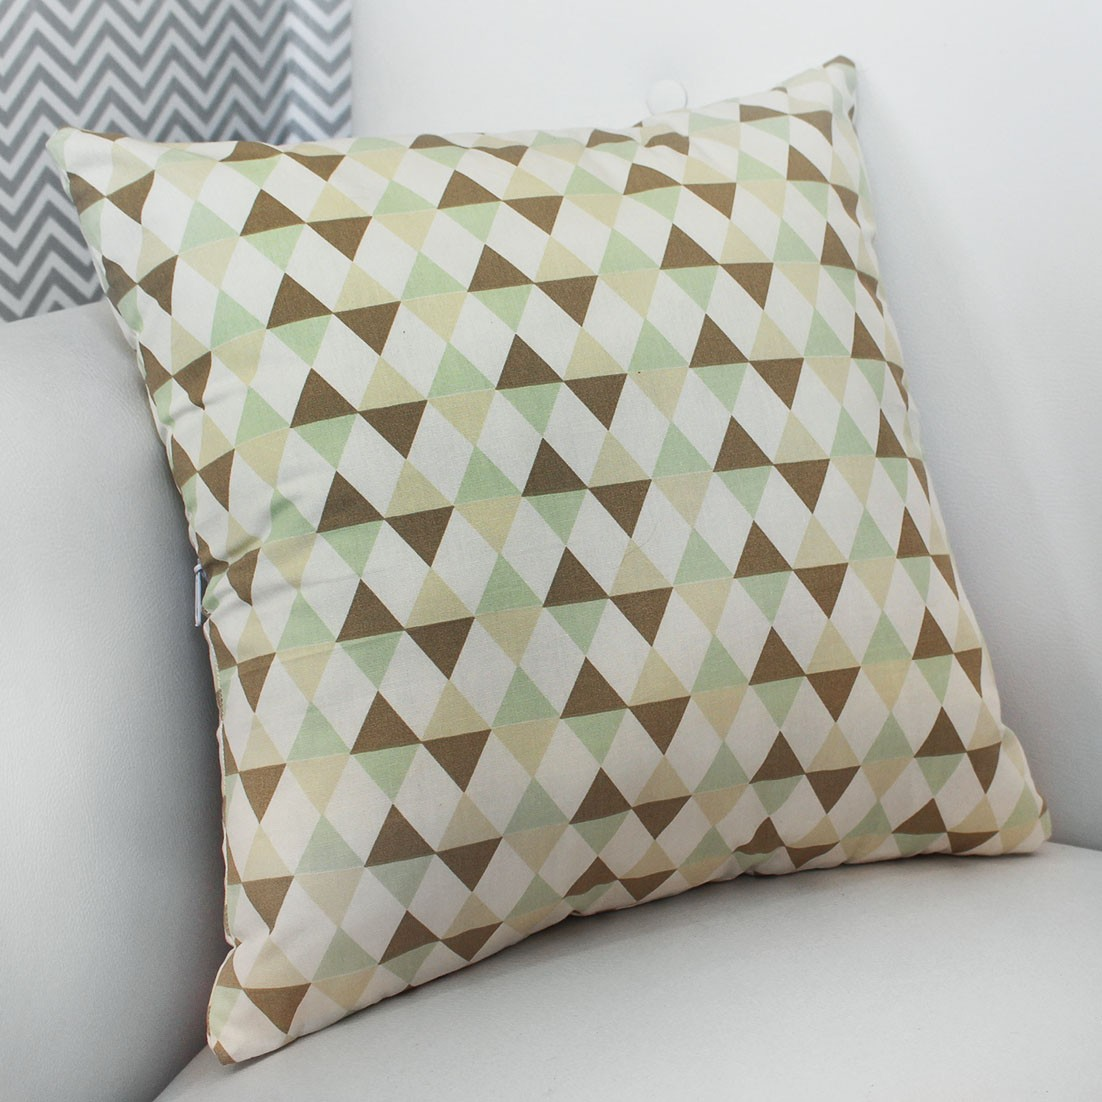 Almofada Decorativa Estampada Losango Verde